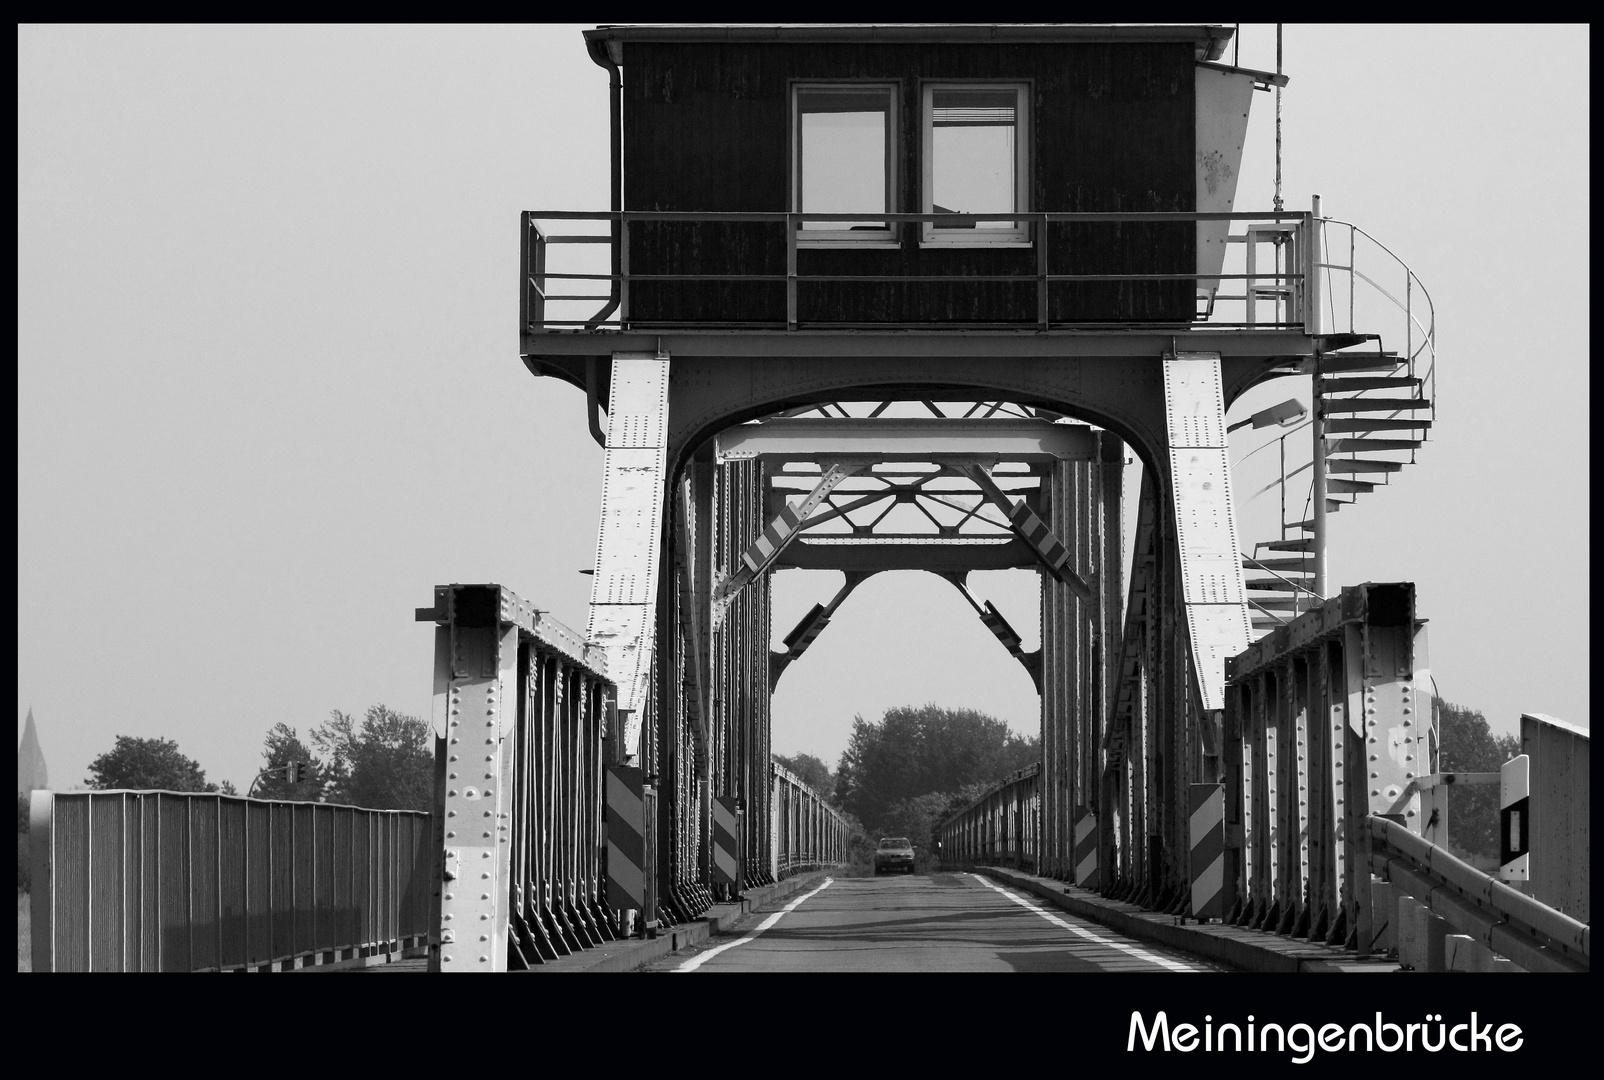 Meiningenbrücke / Zingst